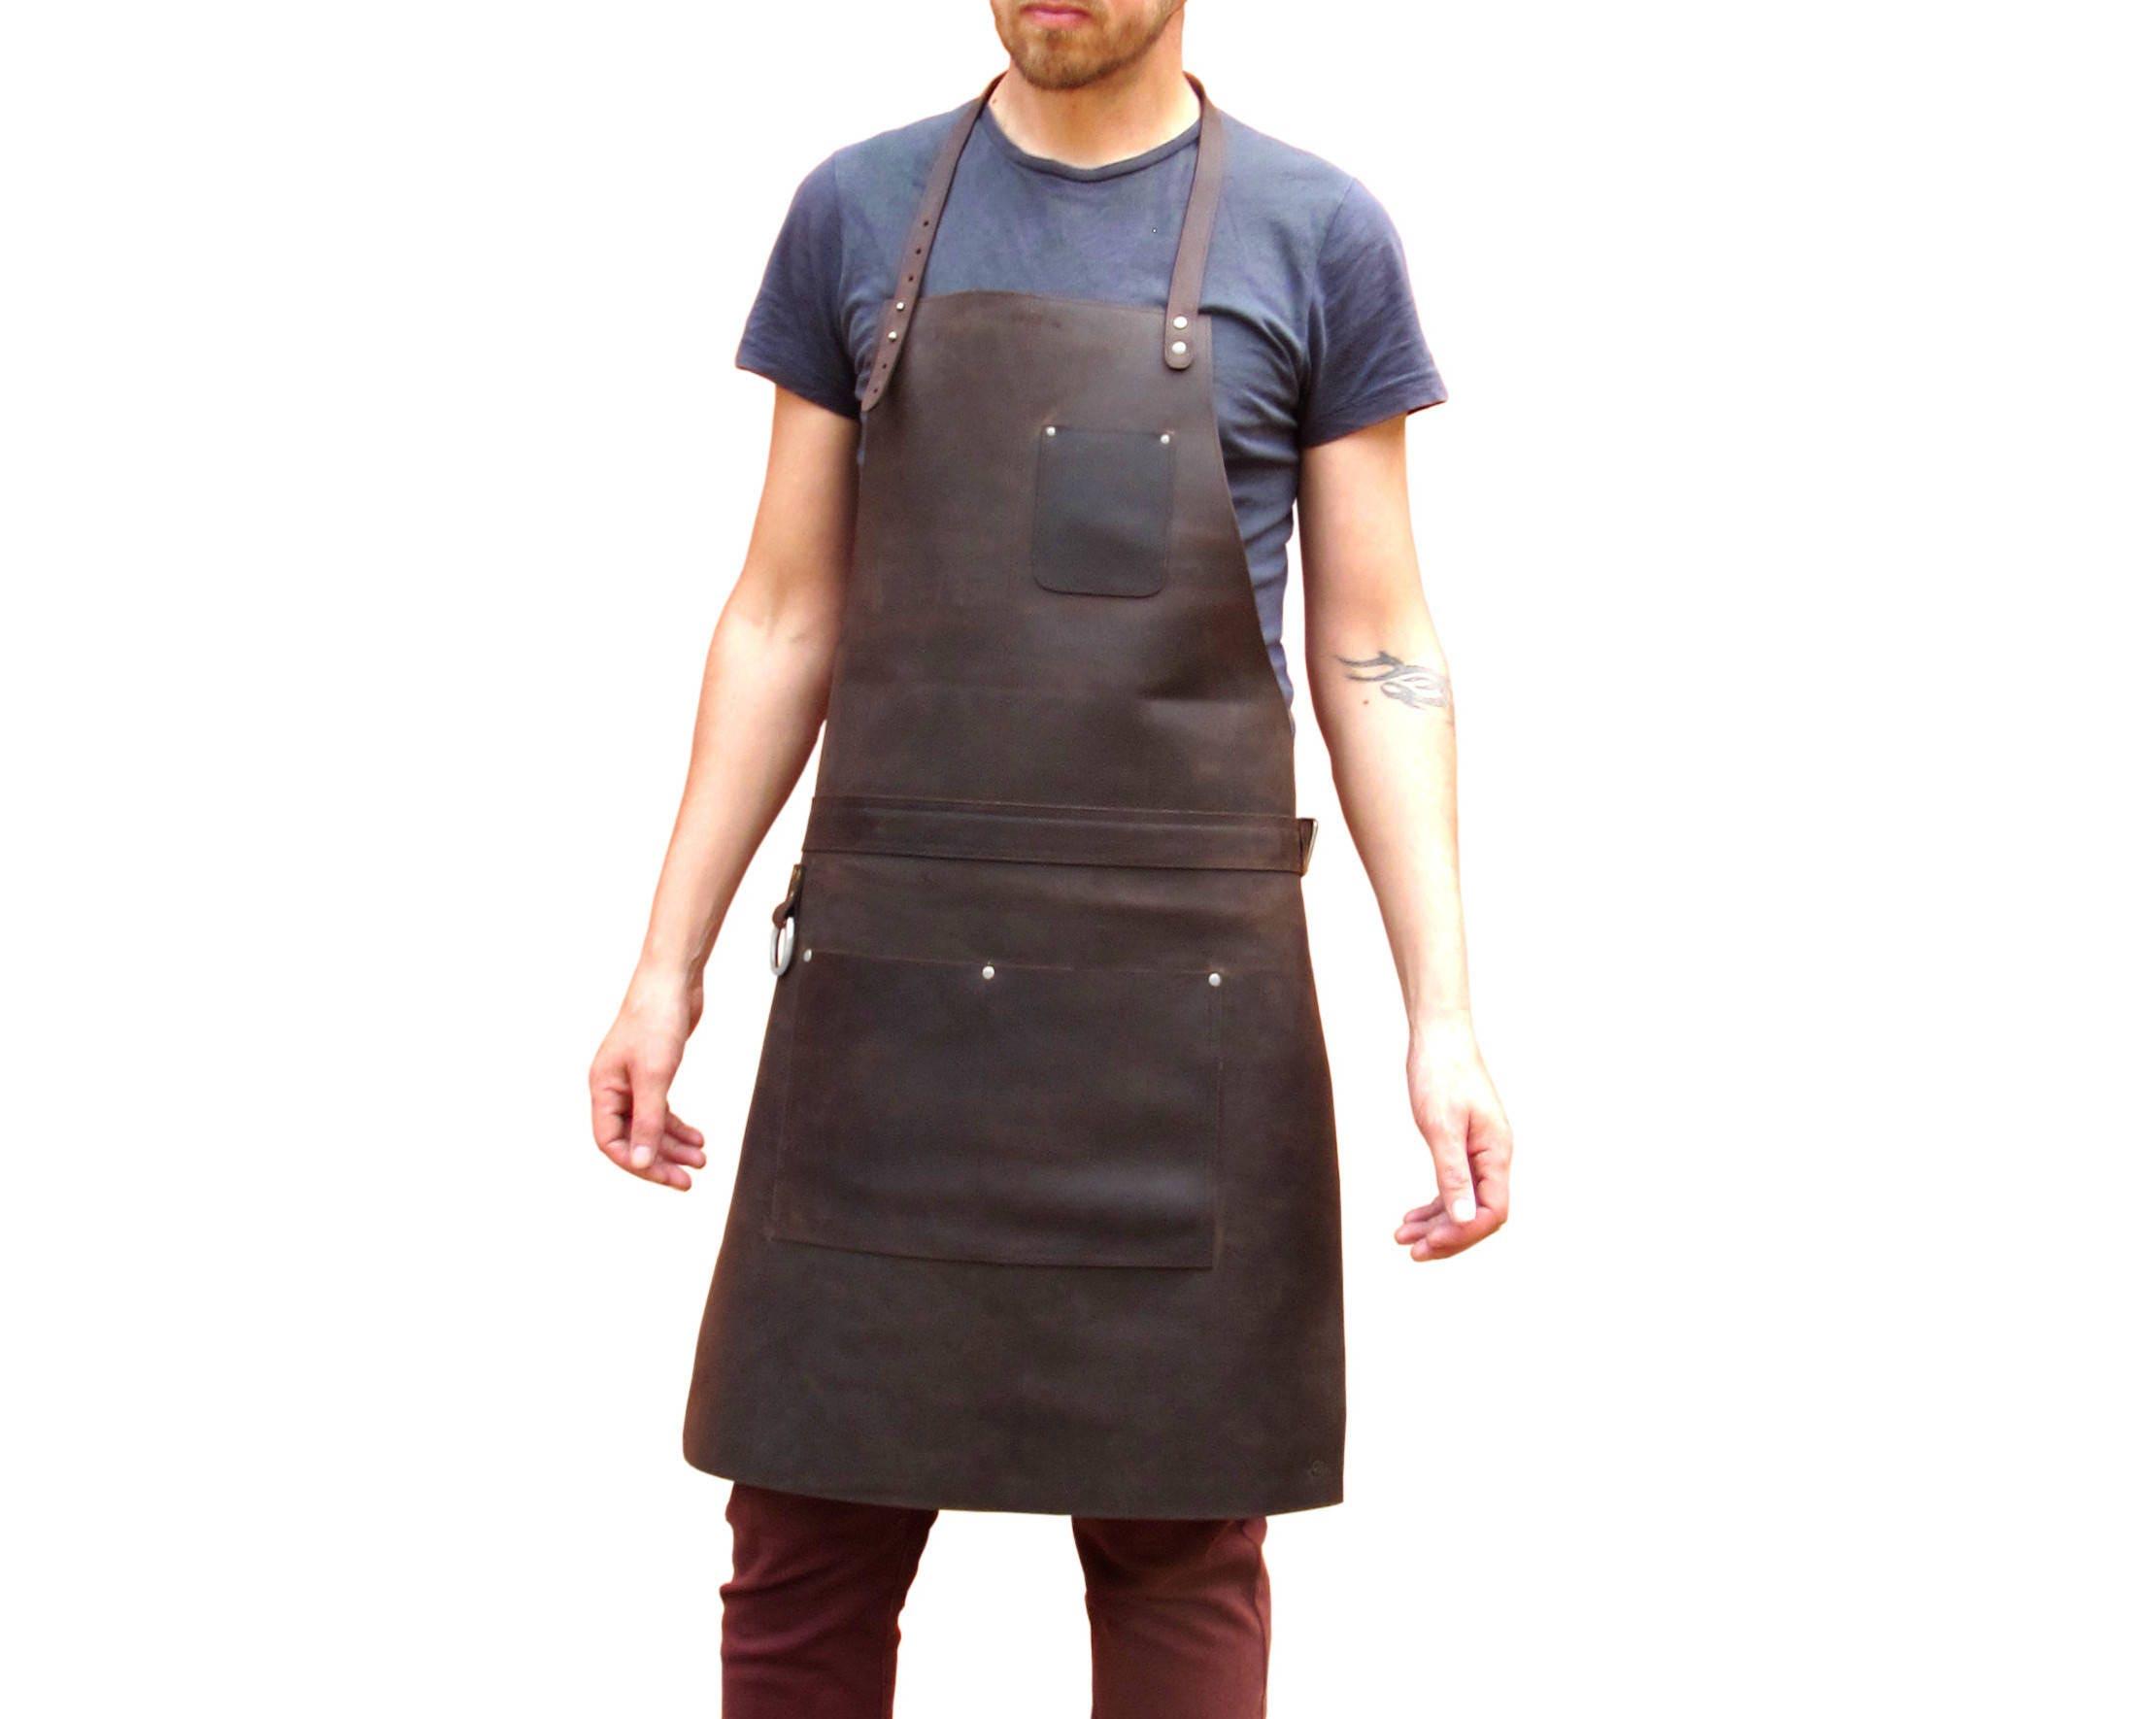 Tablier de cuir pour le chef charpentier forgeron boucher - Tablier de forgeron ...